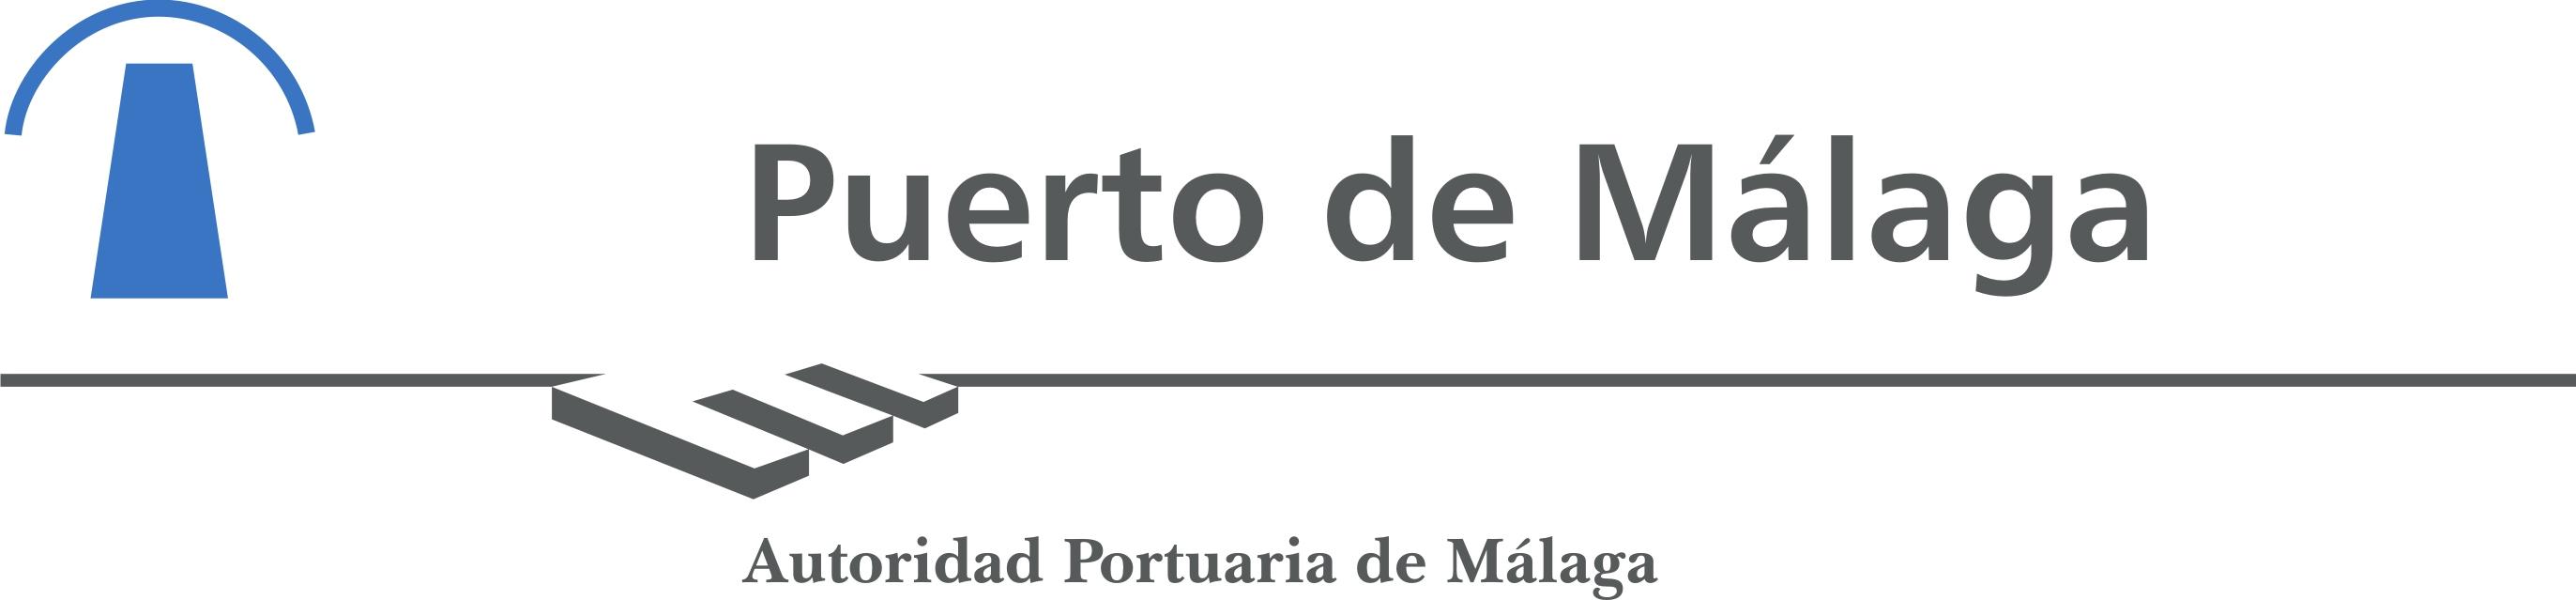 Autoridad Portuaria de Málaga